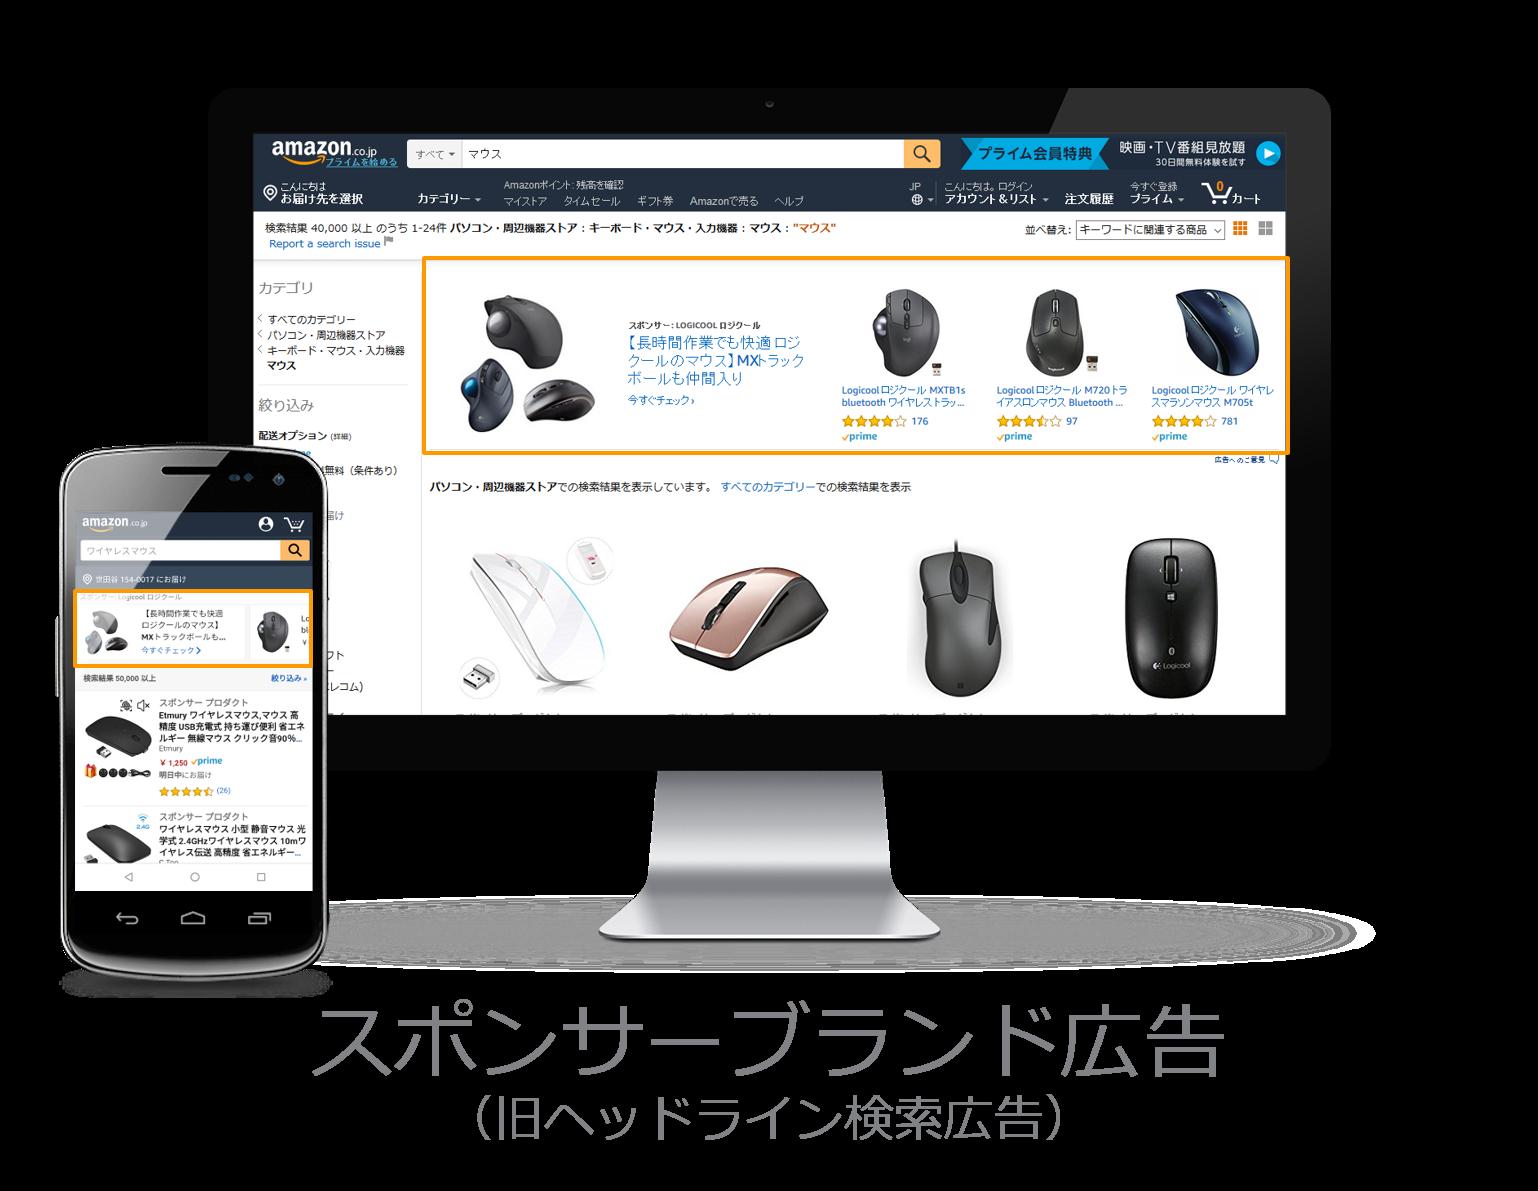 Amazon広告 スポンサーブランド広告